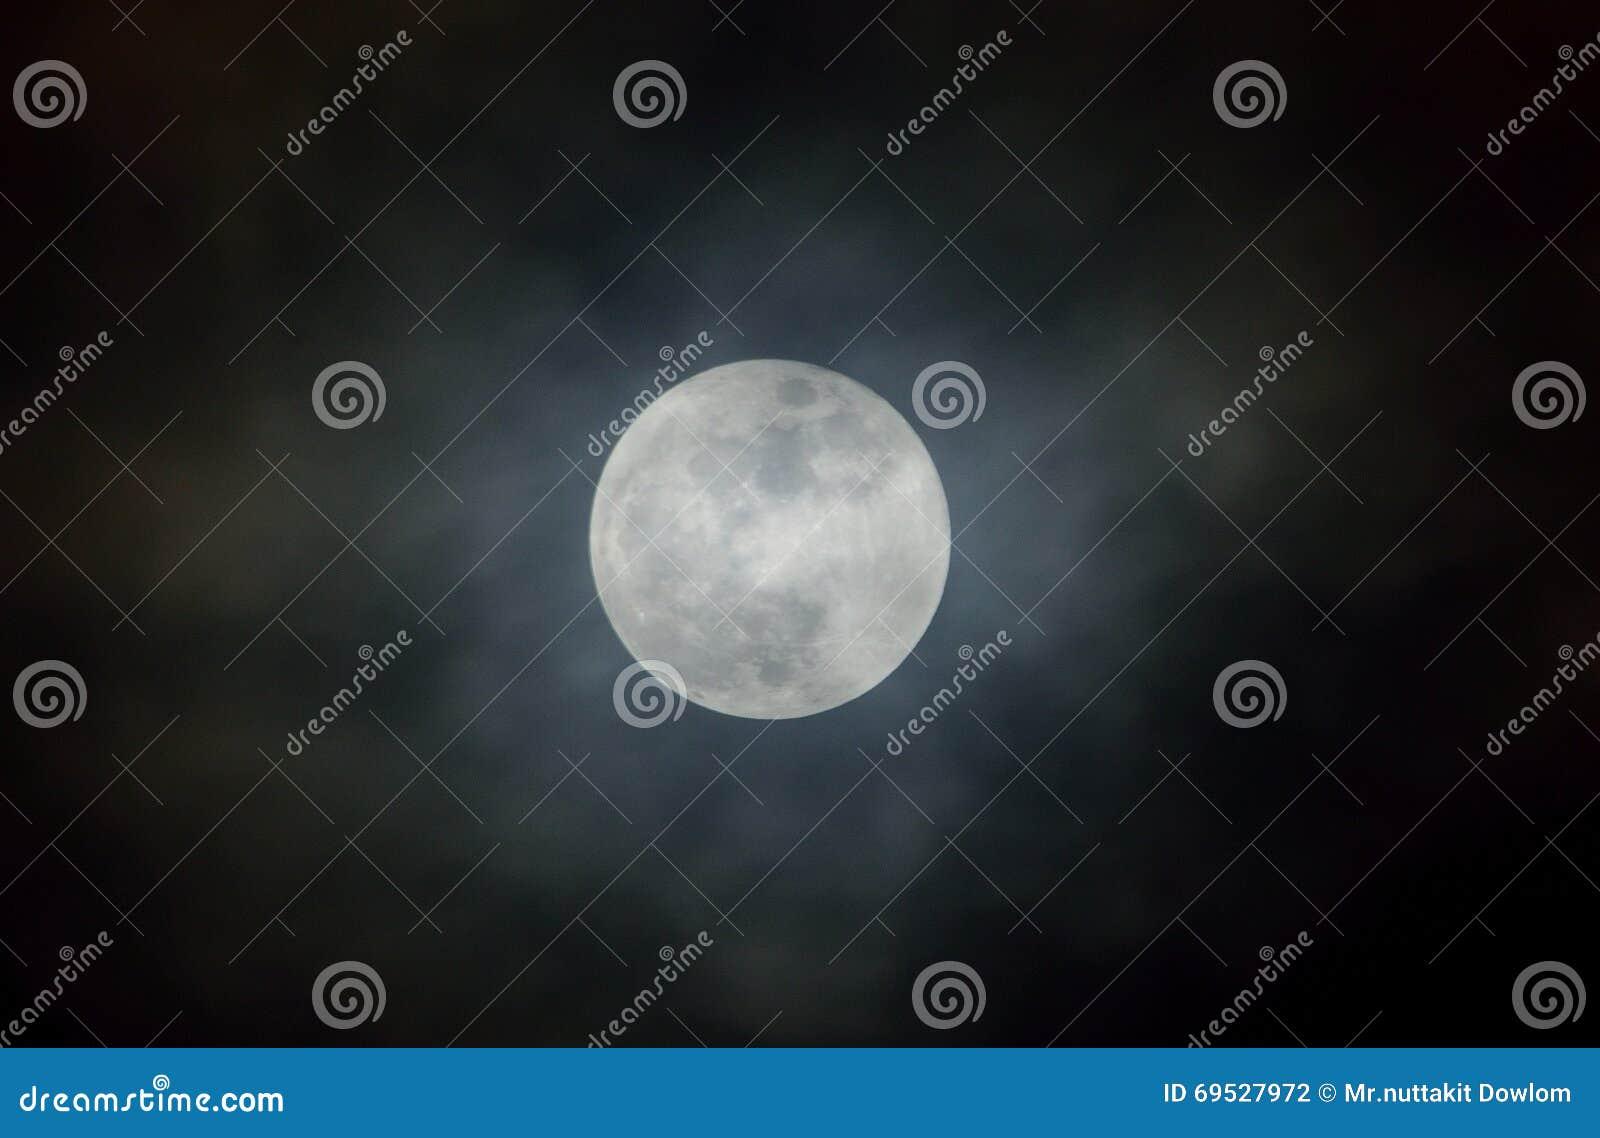 увеличил фото, как сфотографировать луну в темноте самого края тогда